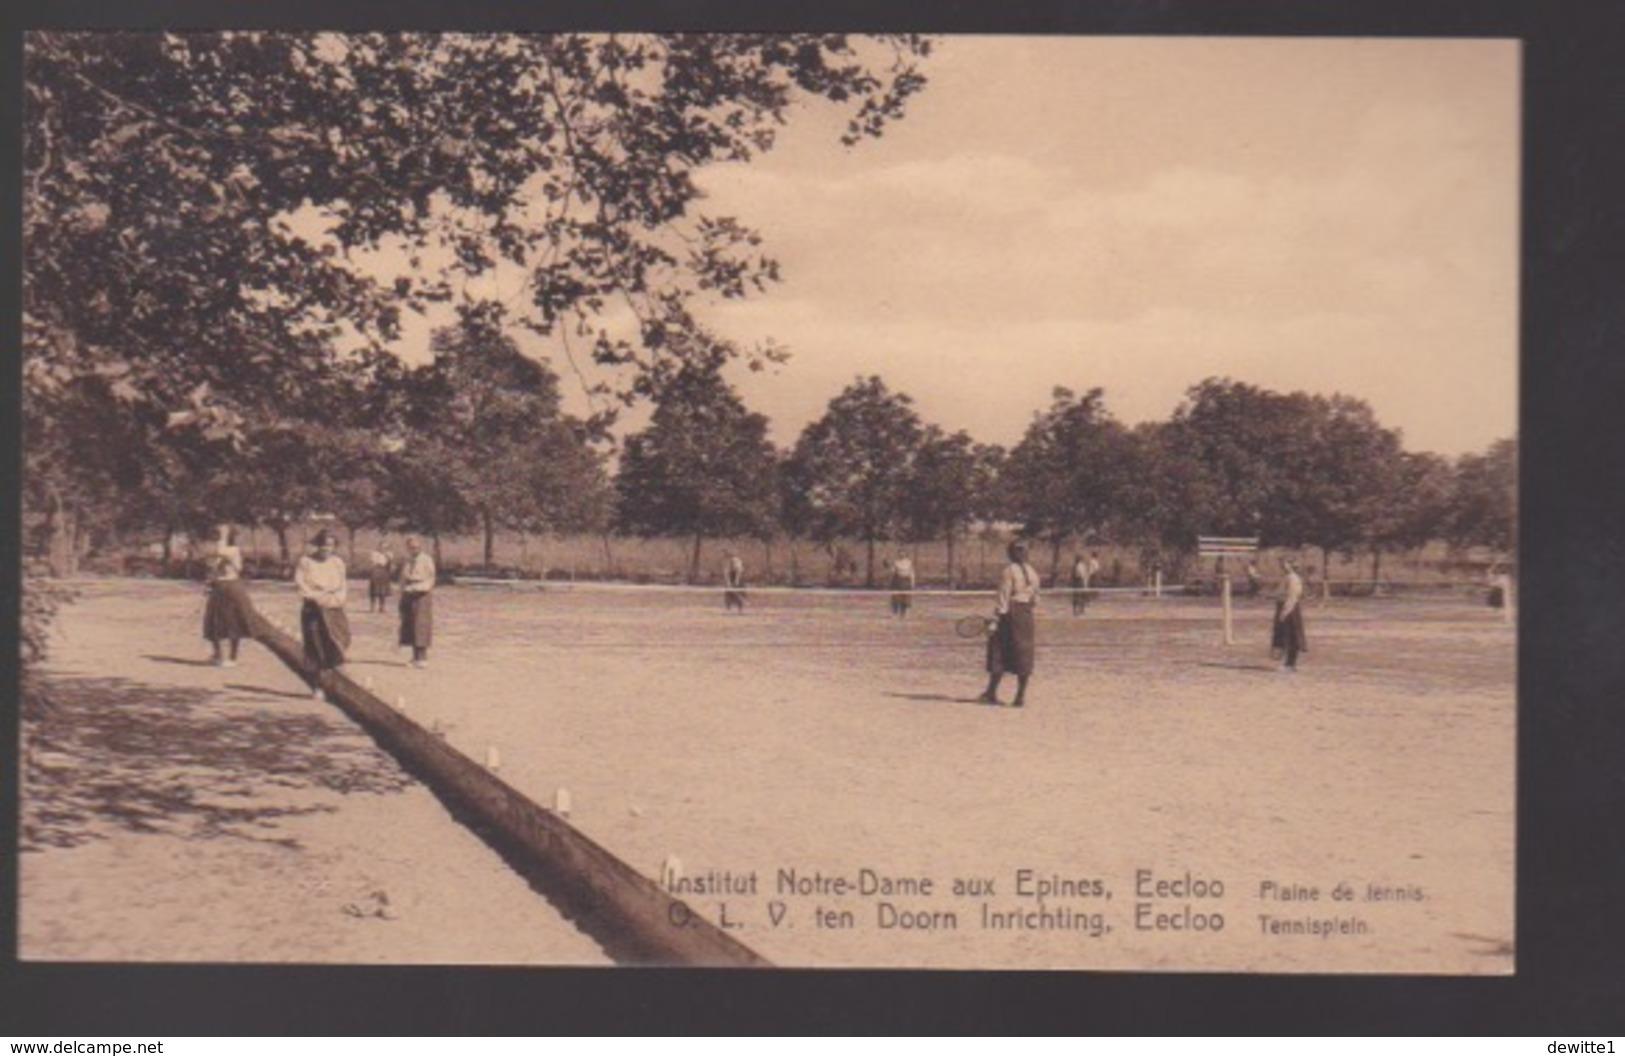 Eeklo. O.L.V. TEN DOORN  INRICHTING    Tennisplein. - Eeklo